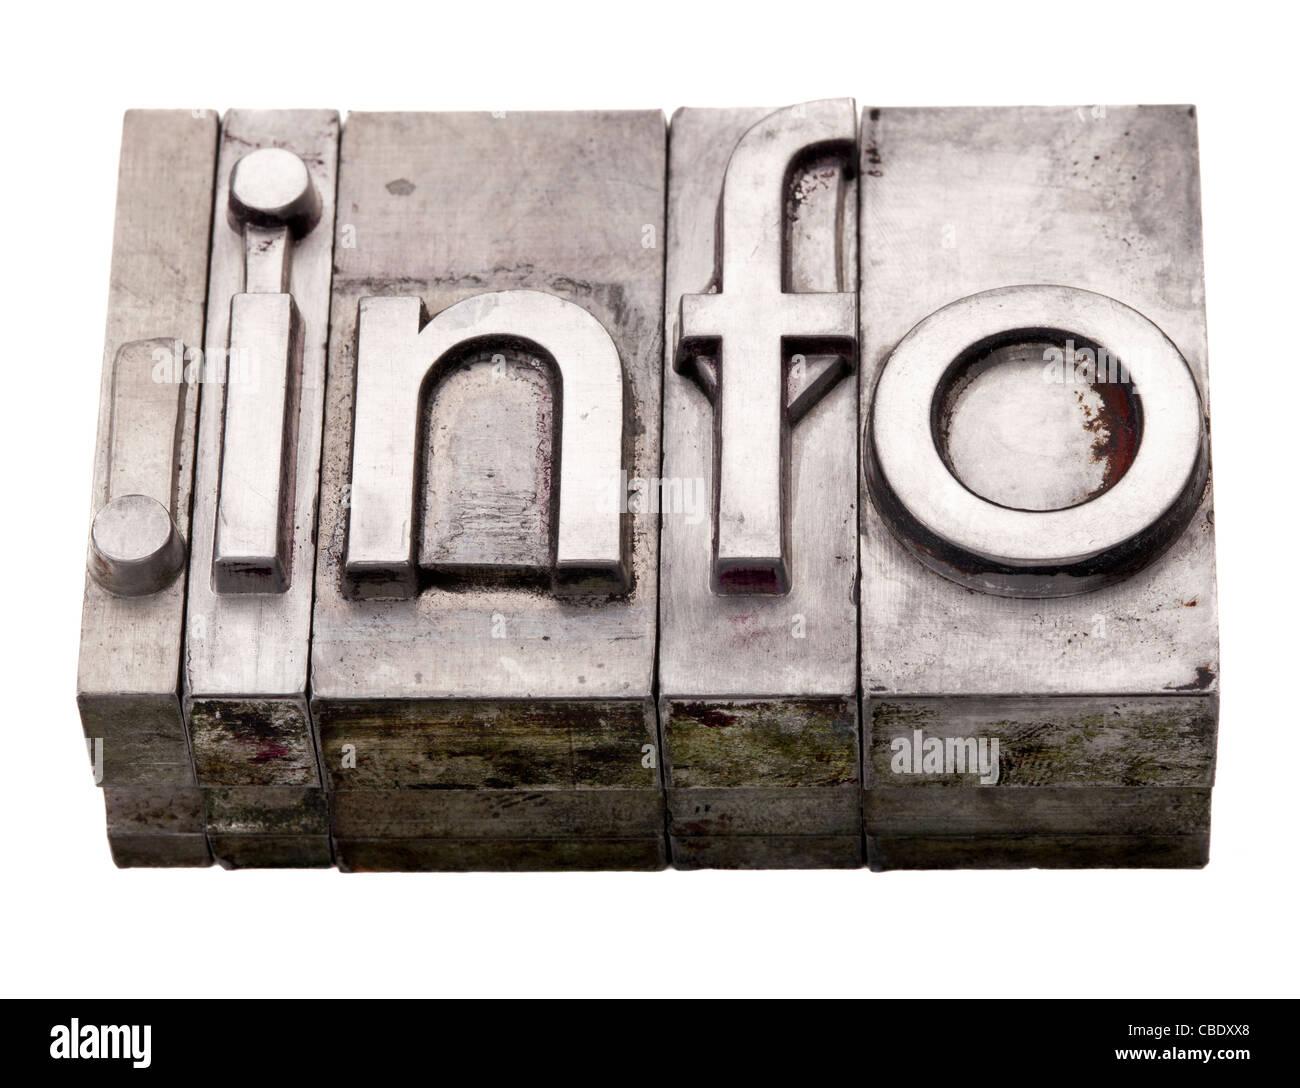 Dot info ressources information internet poste de domaine dans la typographie vintage grunge metal pâtés Photo Stock